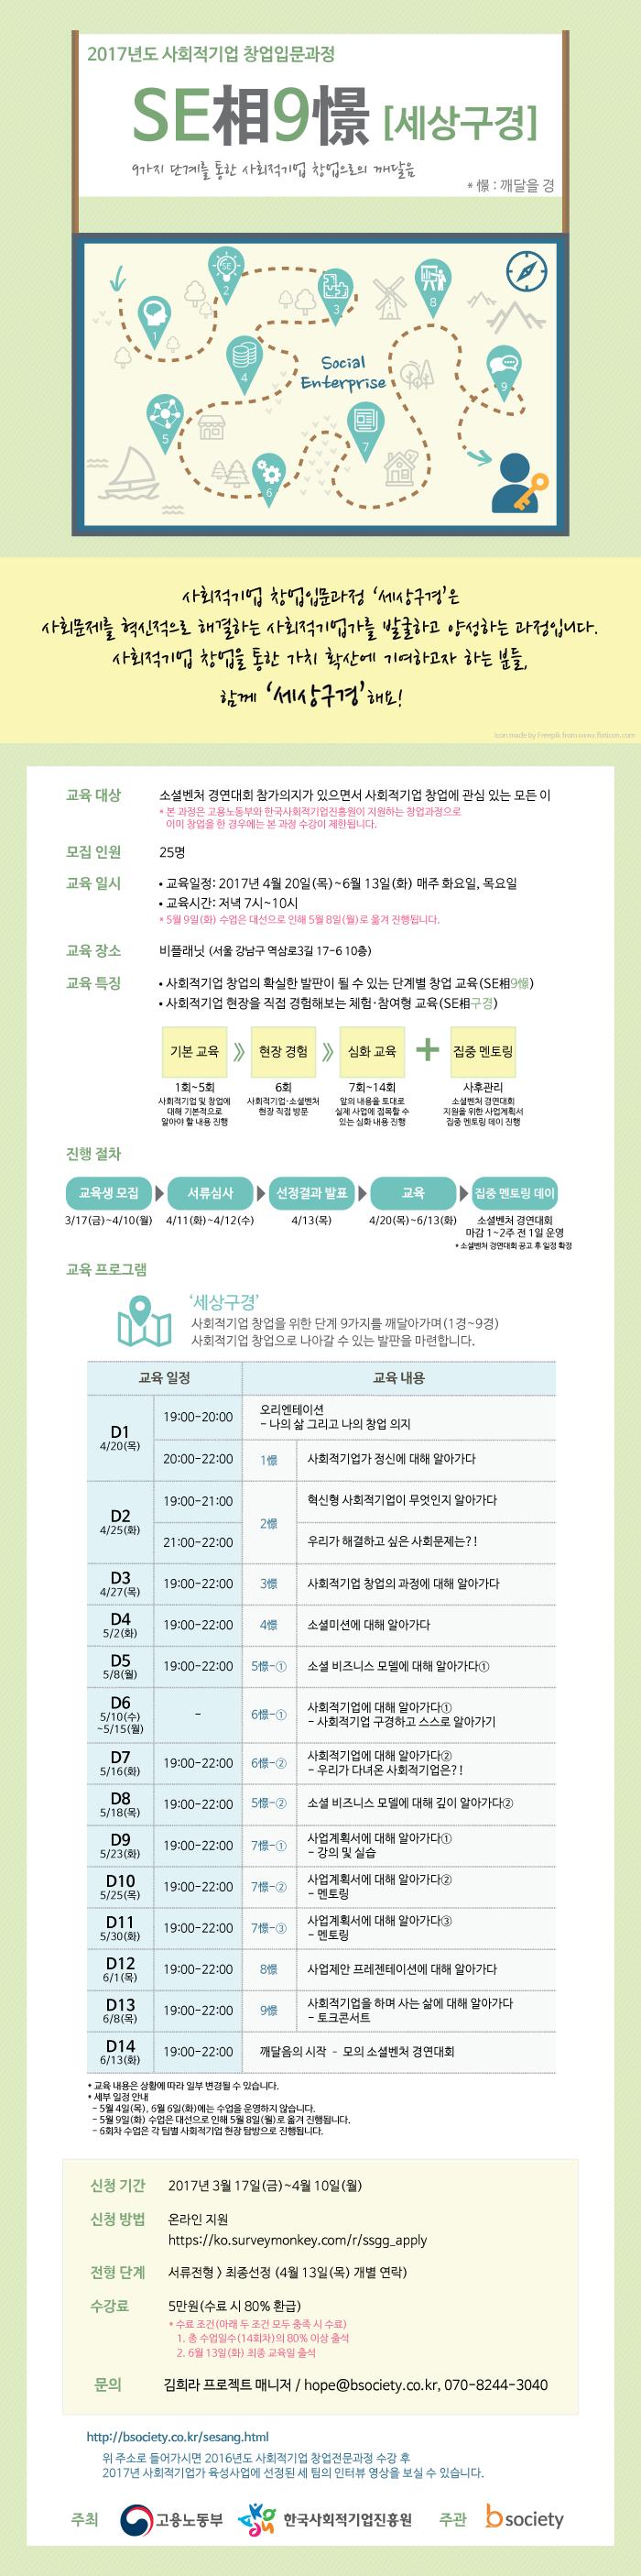 2017 사회적기업 창업입문과정 'SE相9憬(세상구경)'